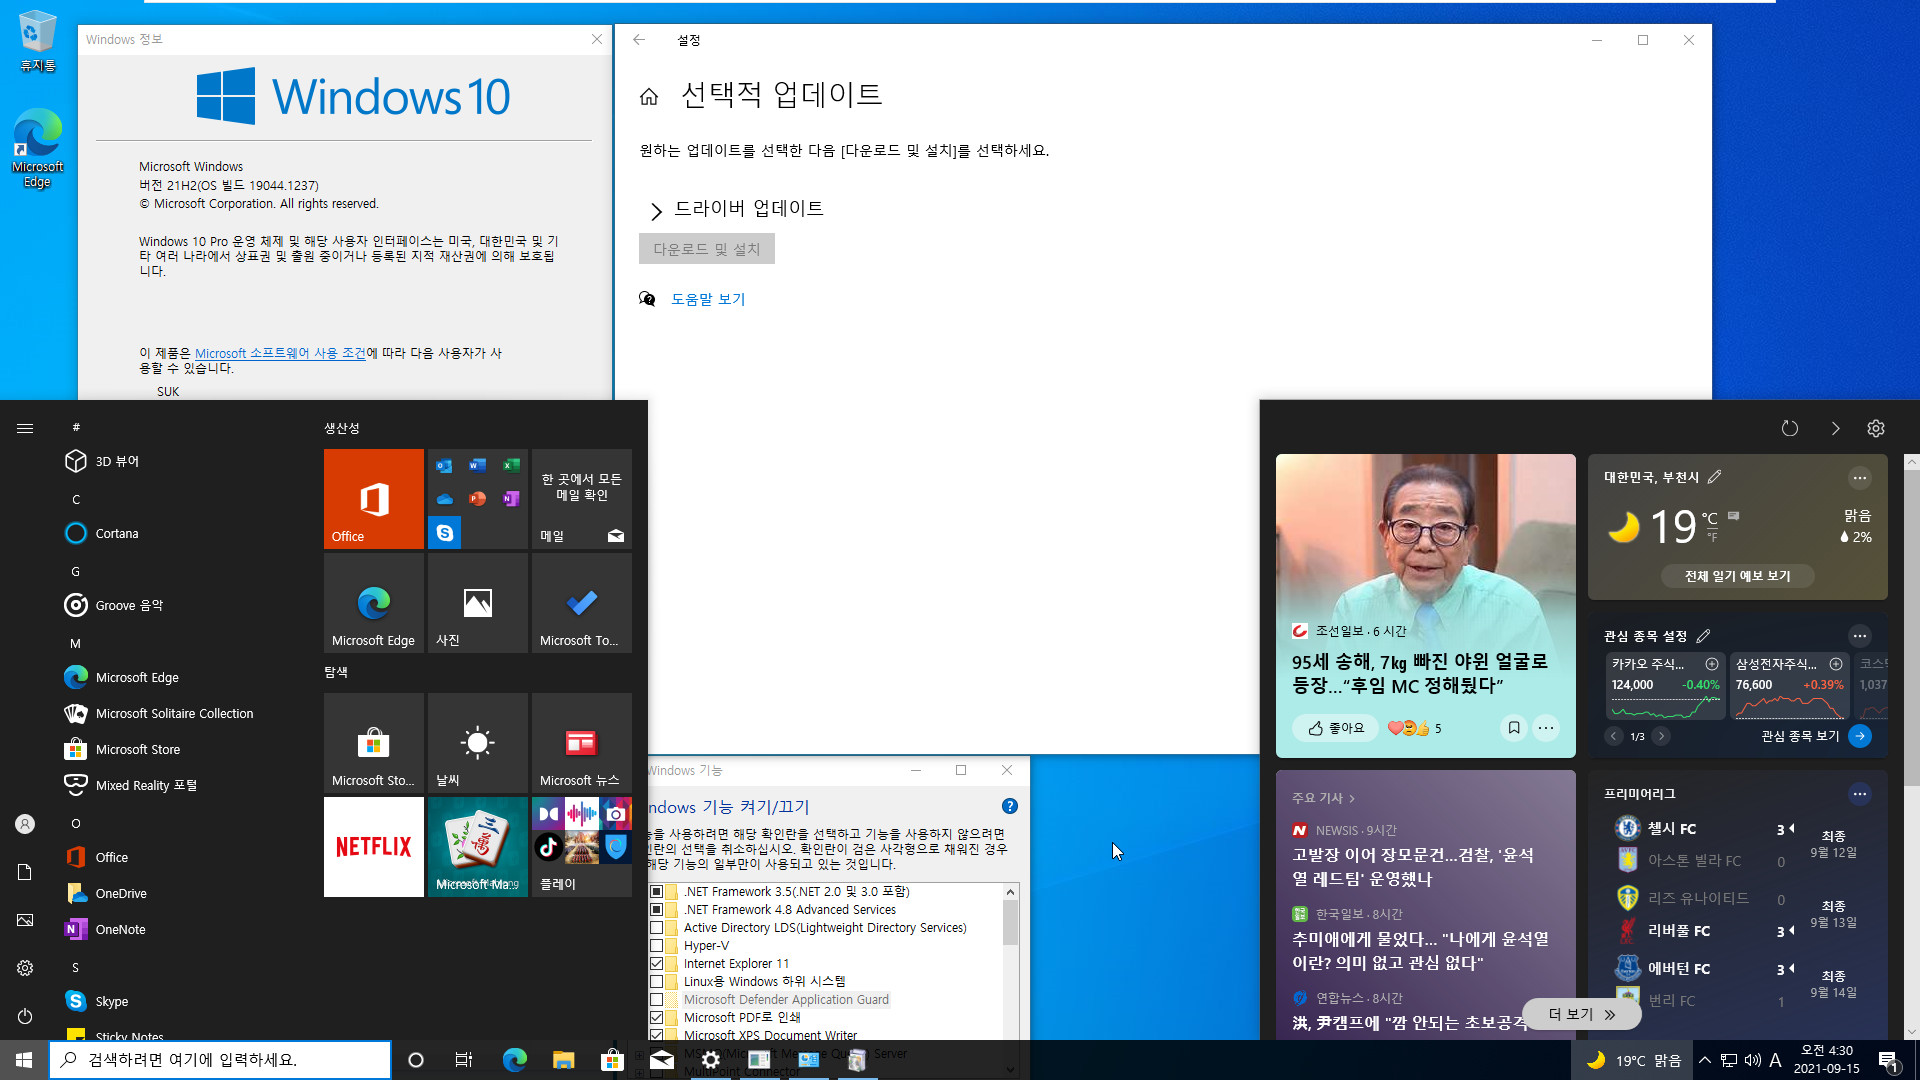 2021-09-15 정기 업데이트 - PRO x64 4개 버전 통합 - Windows 10 버전 2004, 빌드 19041.1237 + 버전 20H2, 빌드 19042.1237 + 버전 21H1, 빌드 19043.1237 + 버전 21H2, 빌드 19044.1237 - 공용 누적 업데이트 KB5005565 - 2021-09-15_043037.jpg